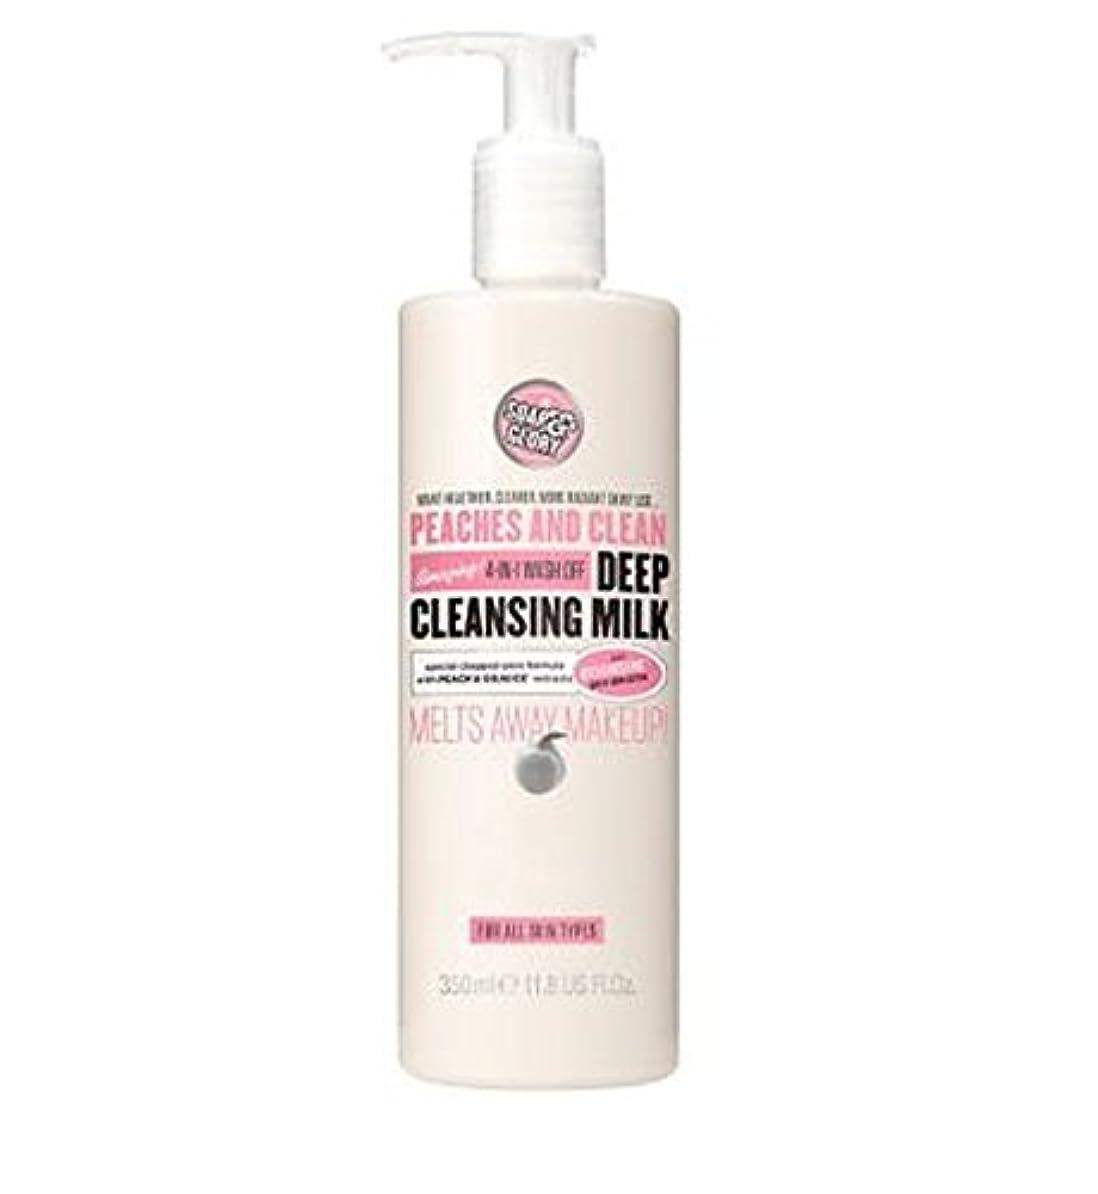 ロック味わうコミュニケーションPEACHES AND CLEAN? Deep Cleansing Milk 350ml - 桃やクリーン?ディープクレンジングミルク350ミリリットル (Soap & Glory) [並行輸入品]